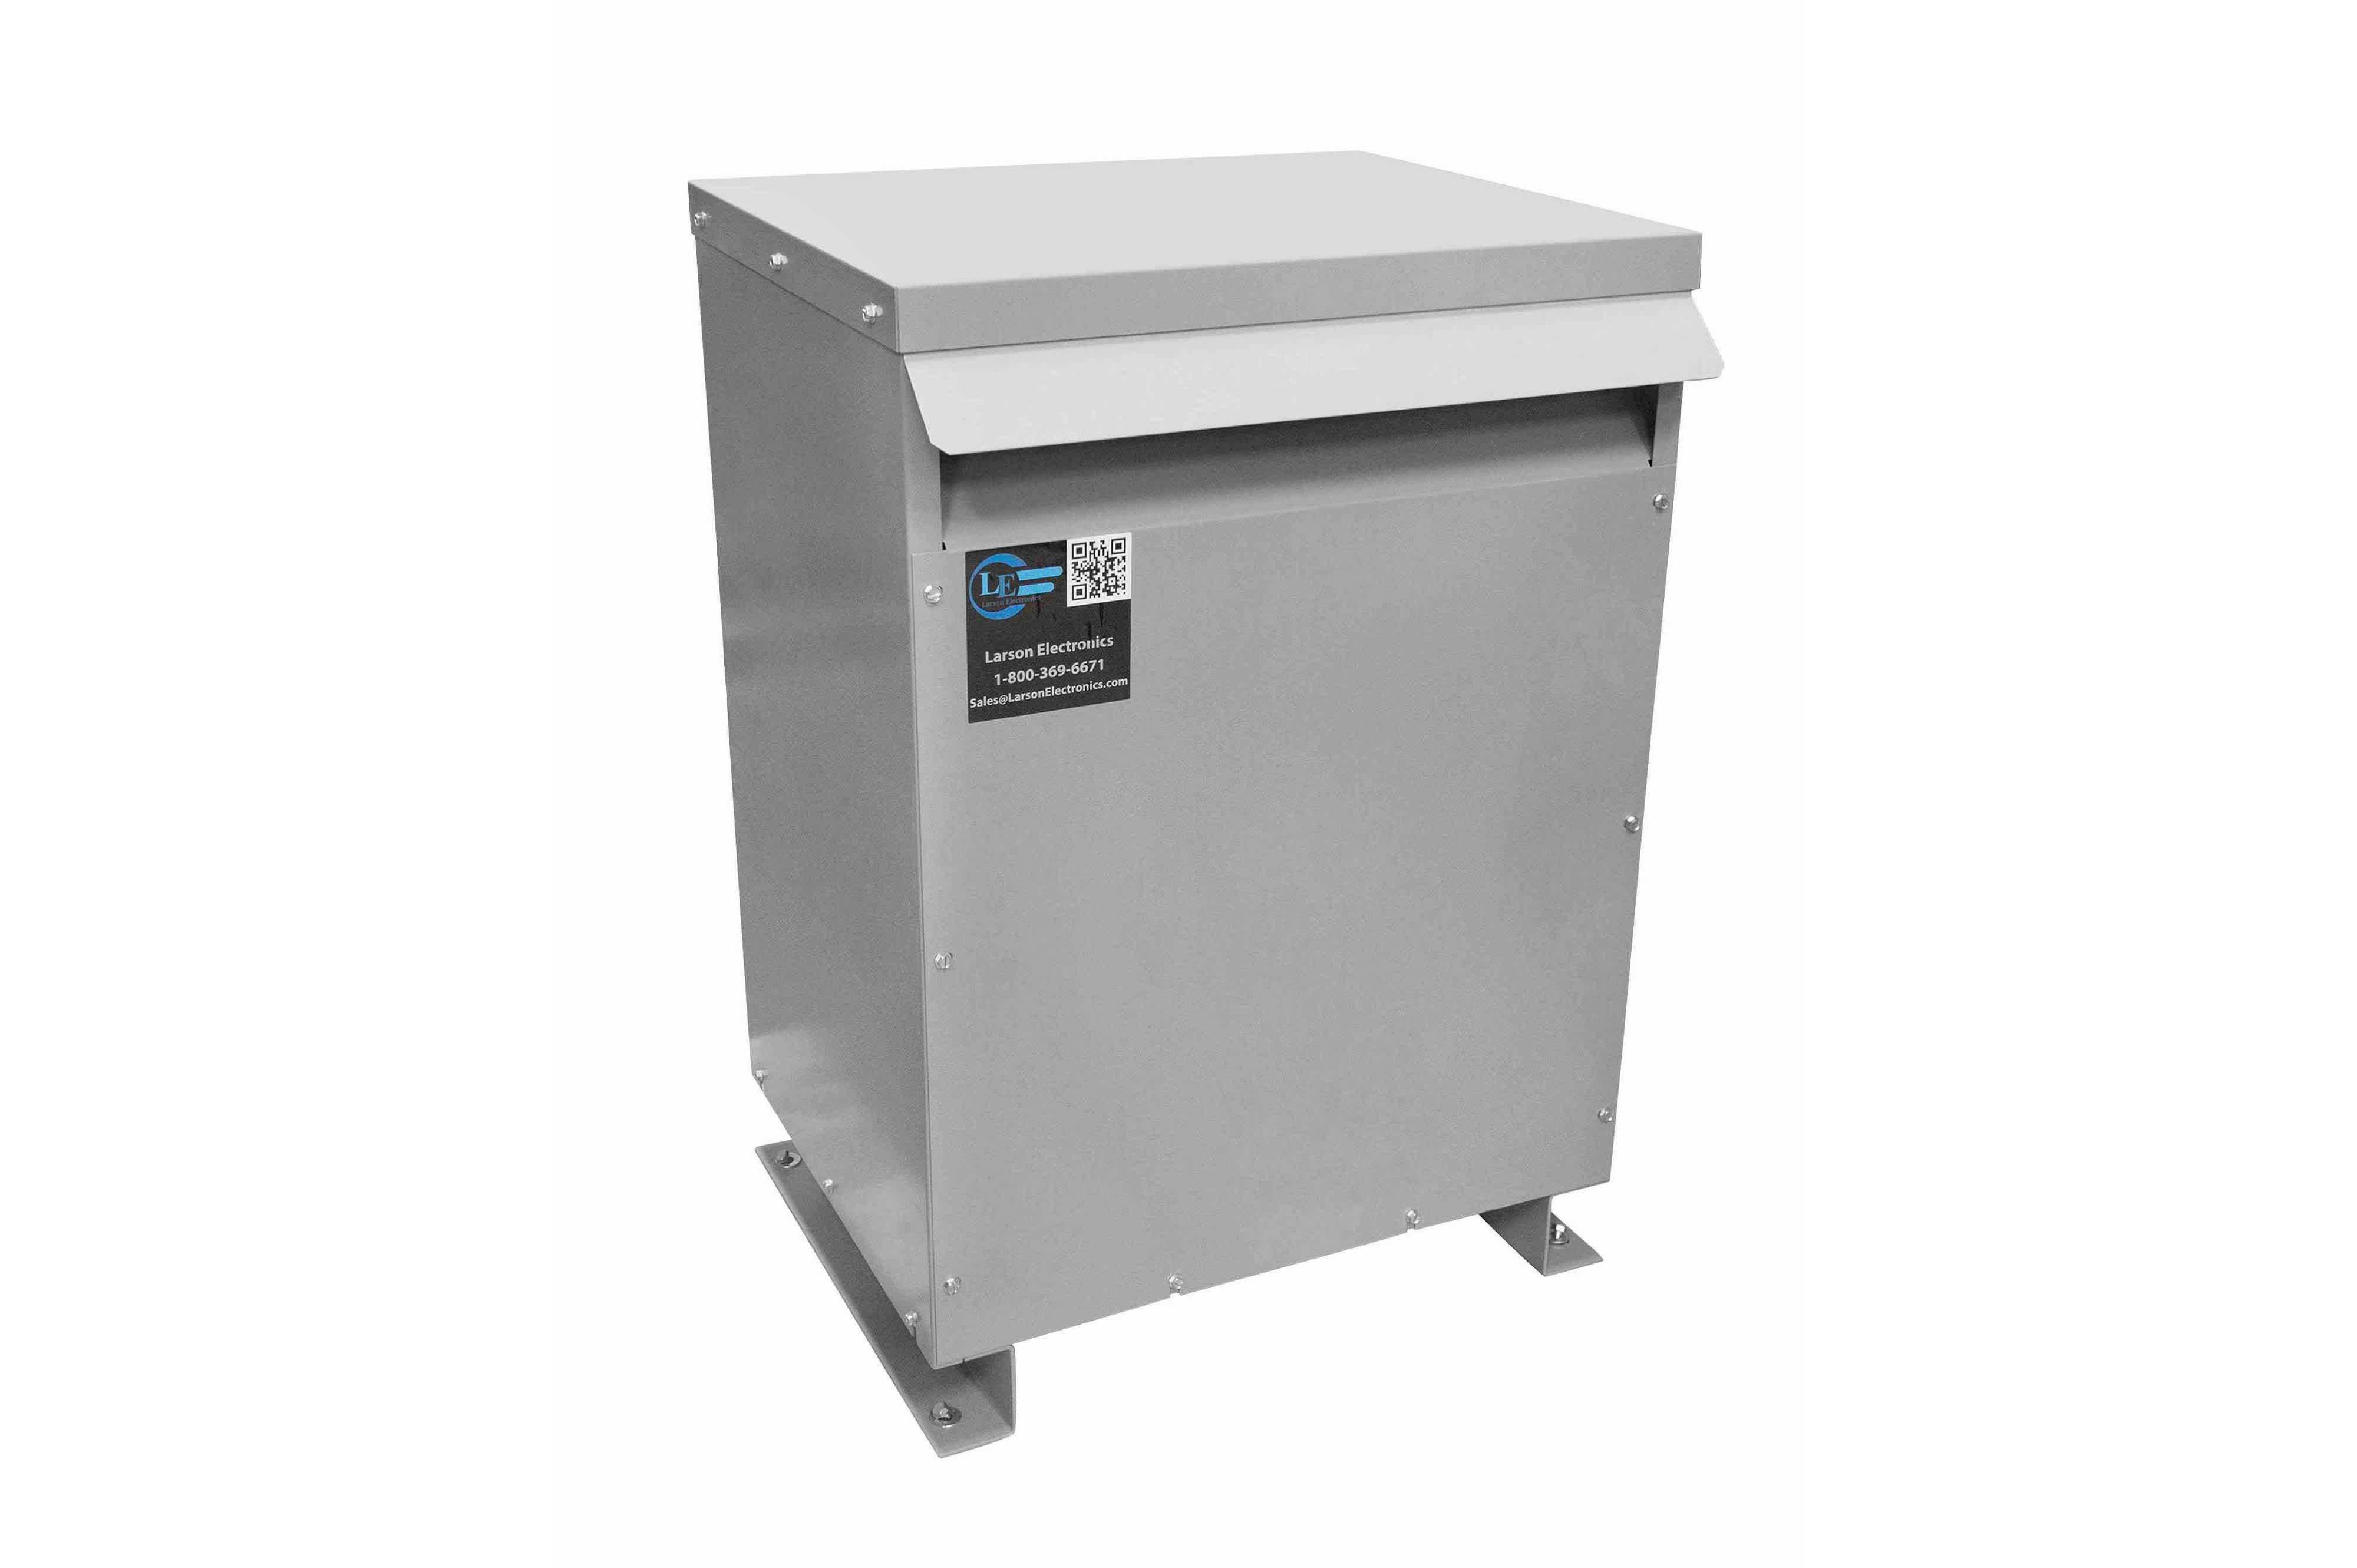 28 kVA 3PH Isolation Transformer, 600V Delta Primary, 460V Delta Secondary, N3R, Ventilated, 60 Hz